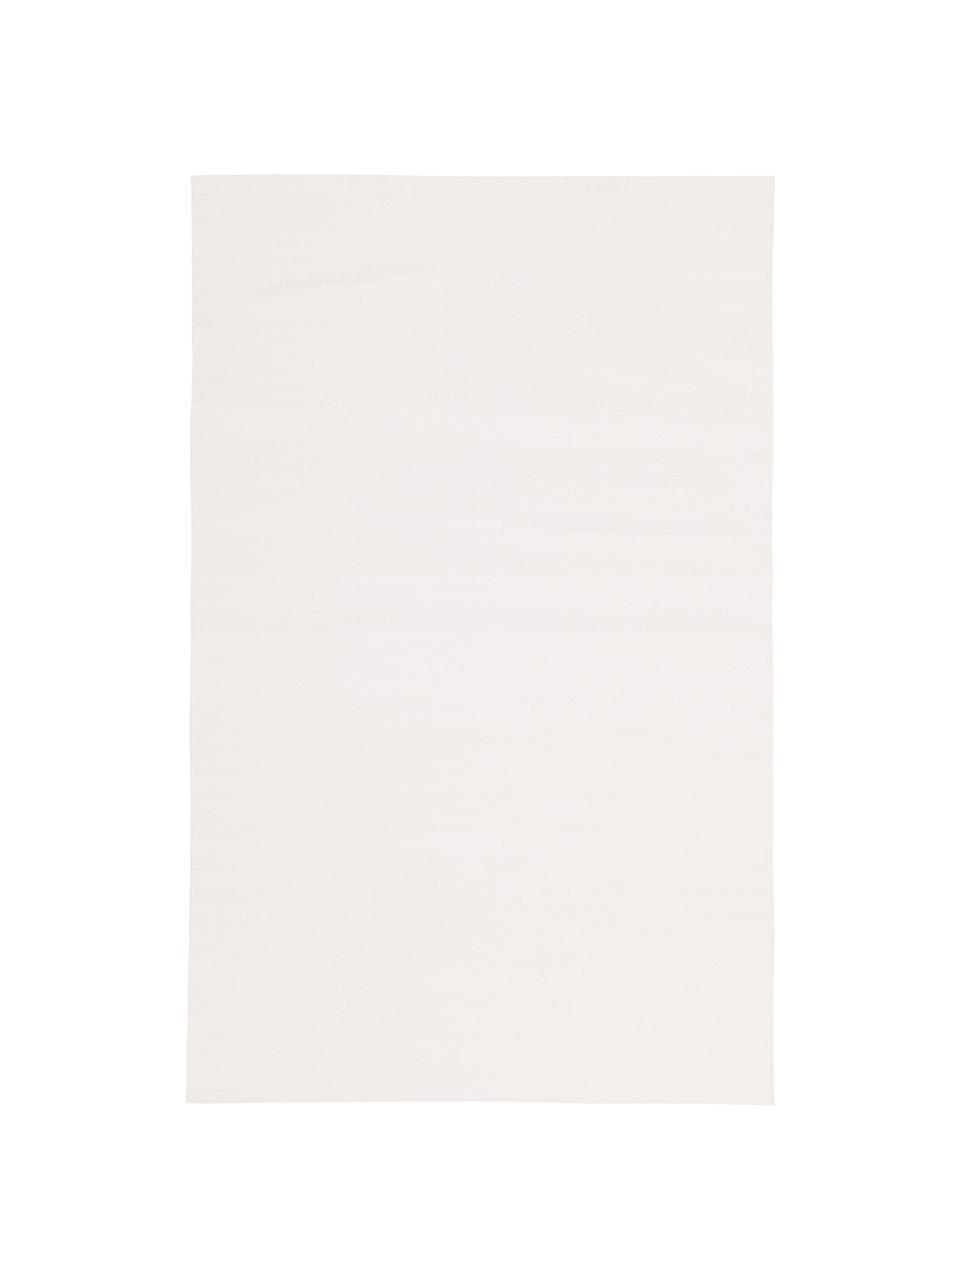 Dünner Baumwollteppich Agneta in Cremeweiß, handgewebt, 100% Baumwolle, Cremeweiß, B 200 x L 300 cm (Größe L)